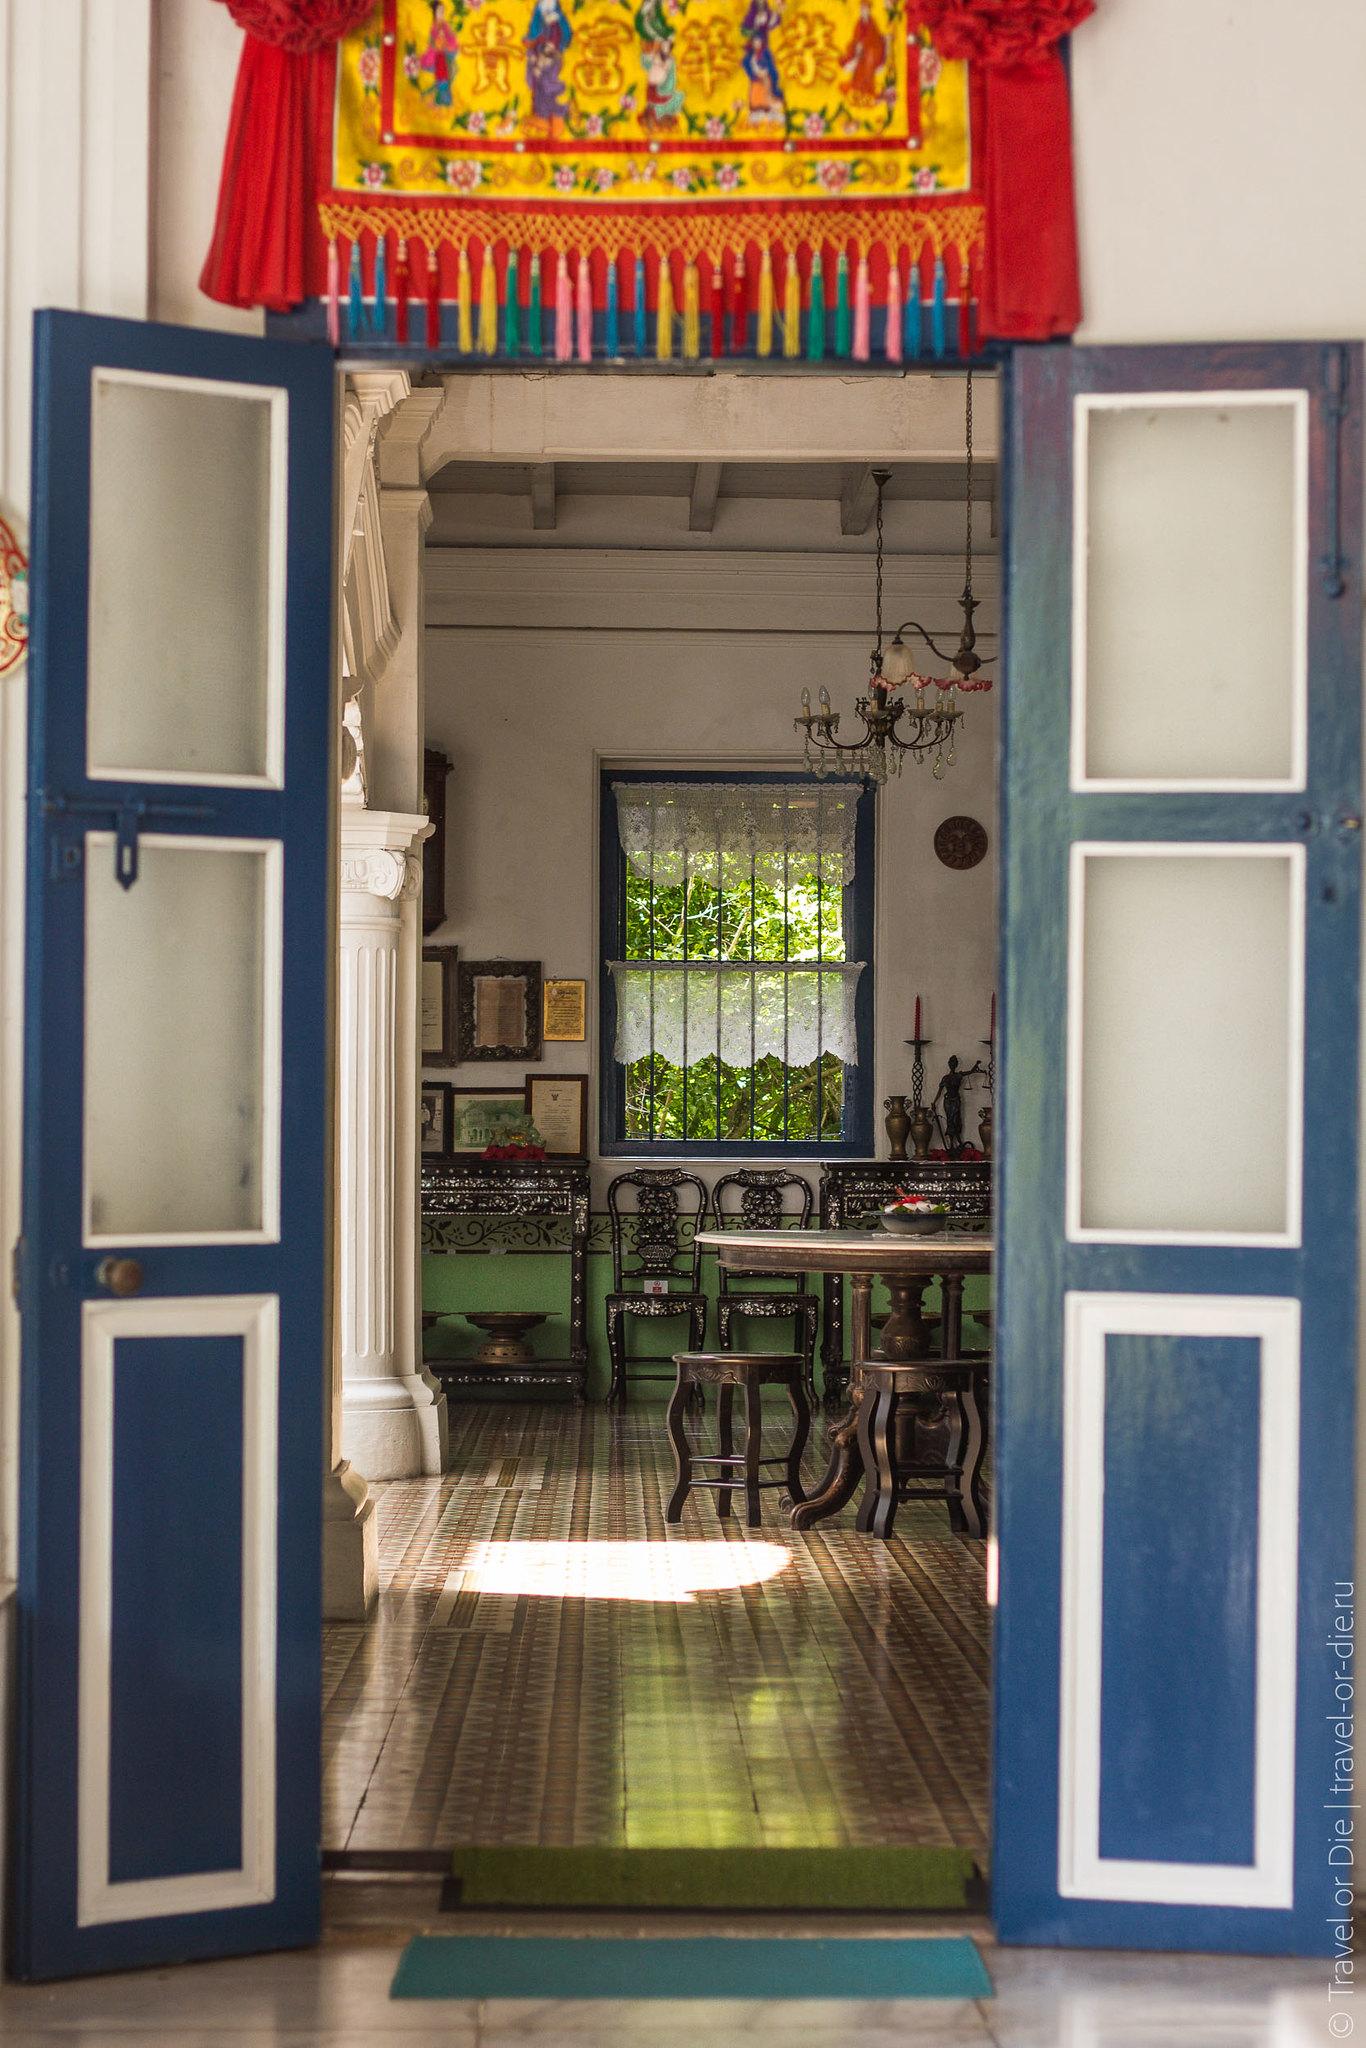 Chinpracha-House-Phuket-Town-7063